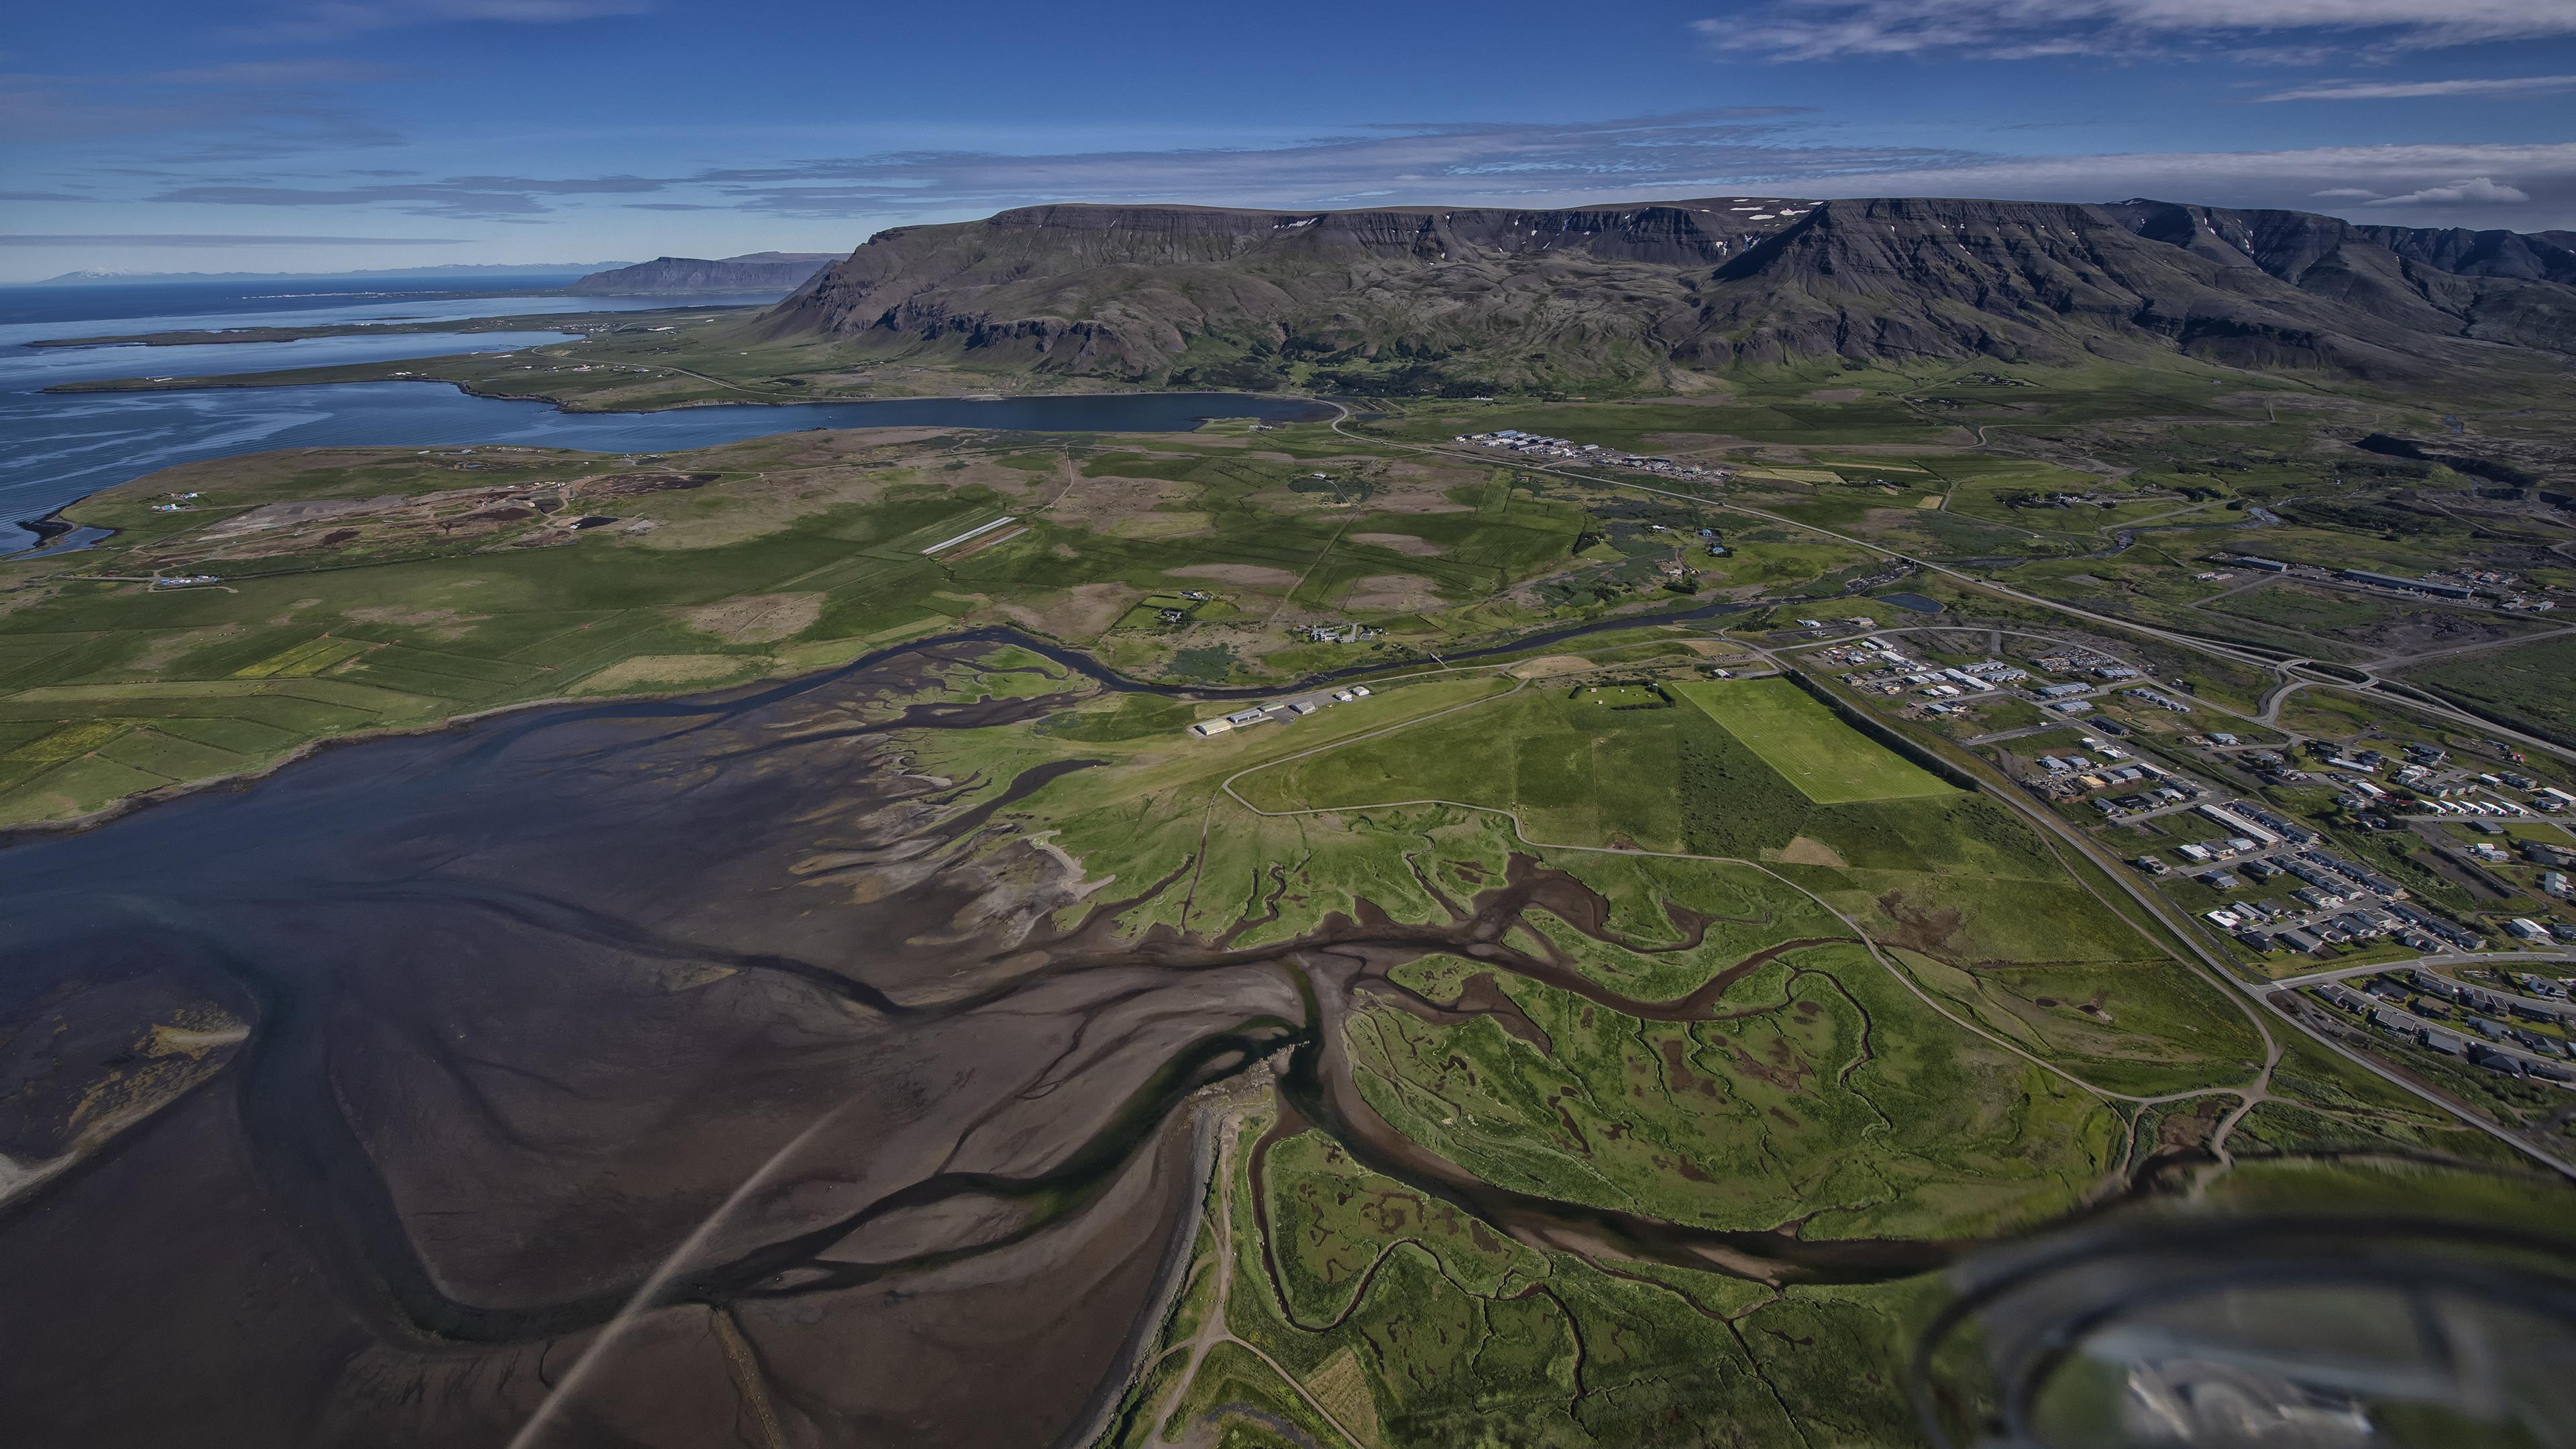 Leaving Reykjavik for our flight